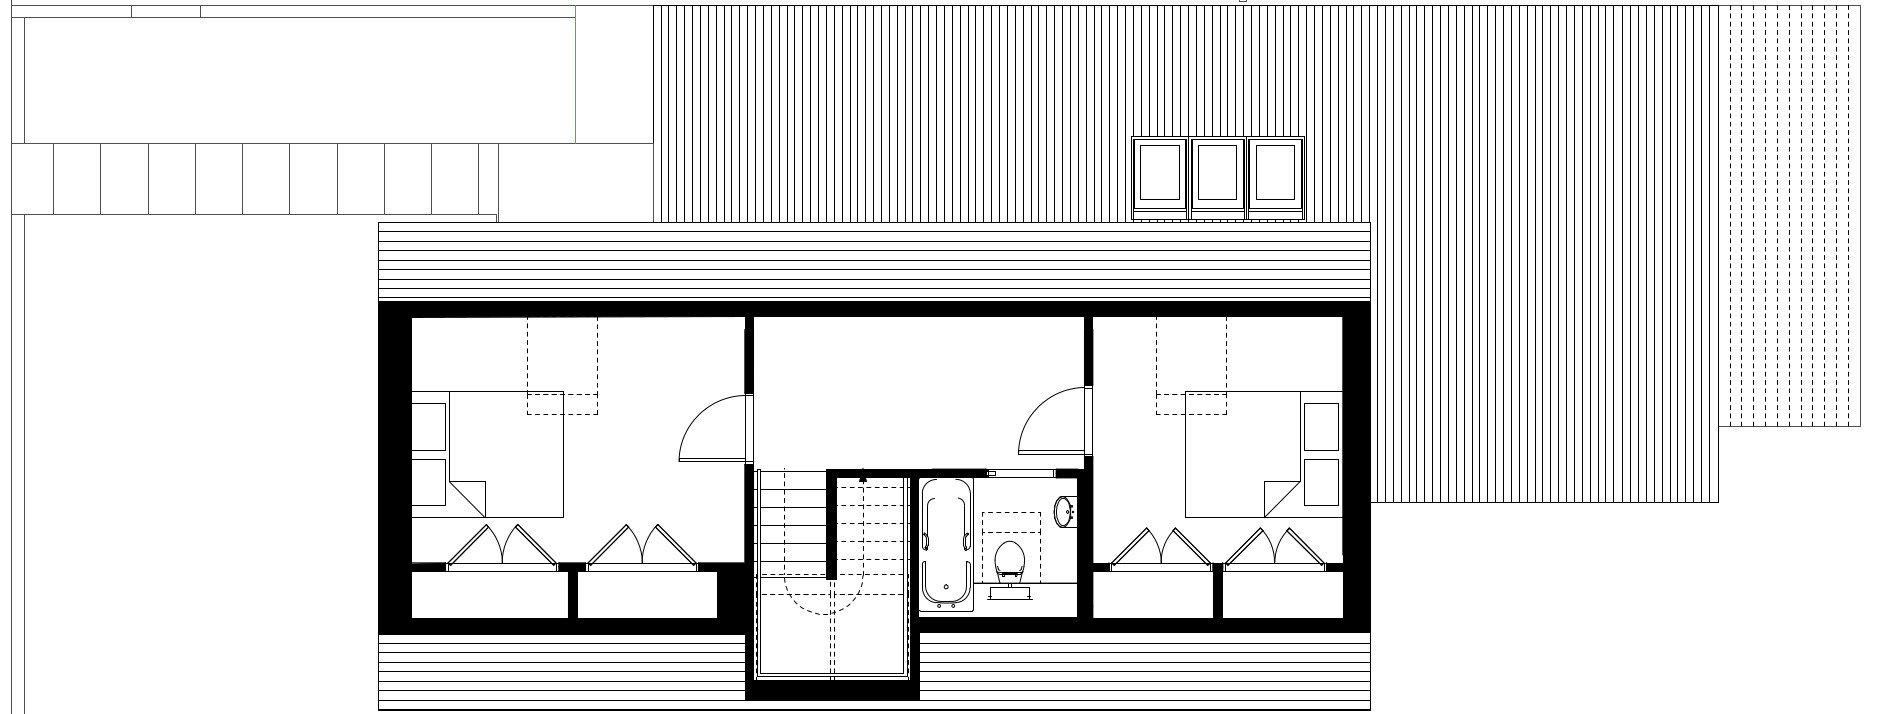 Detached five bedroom property